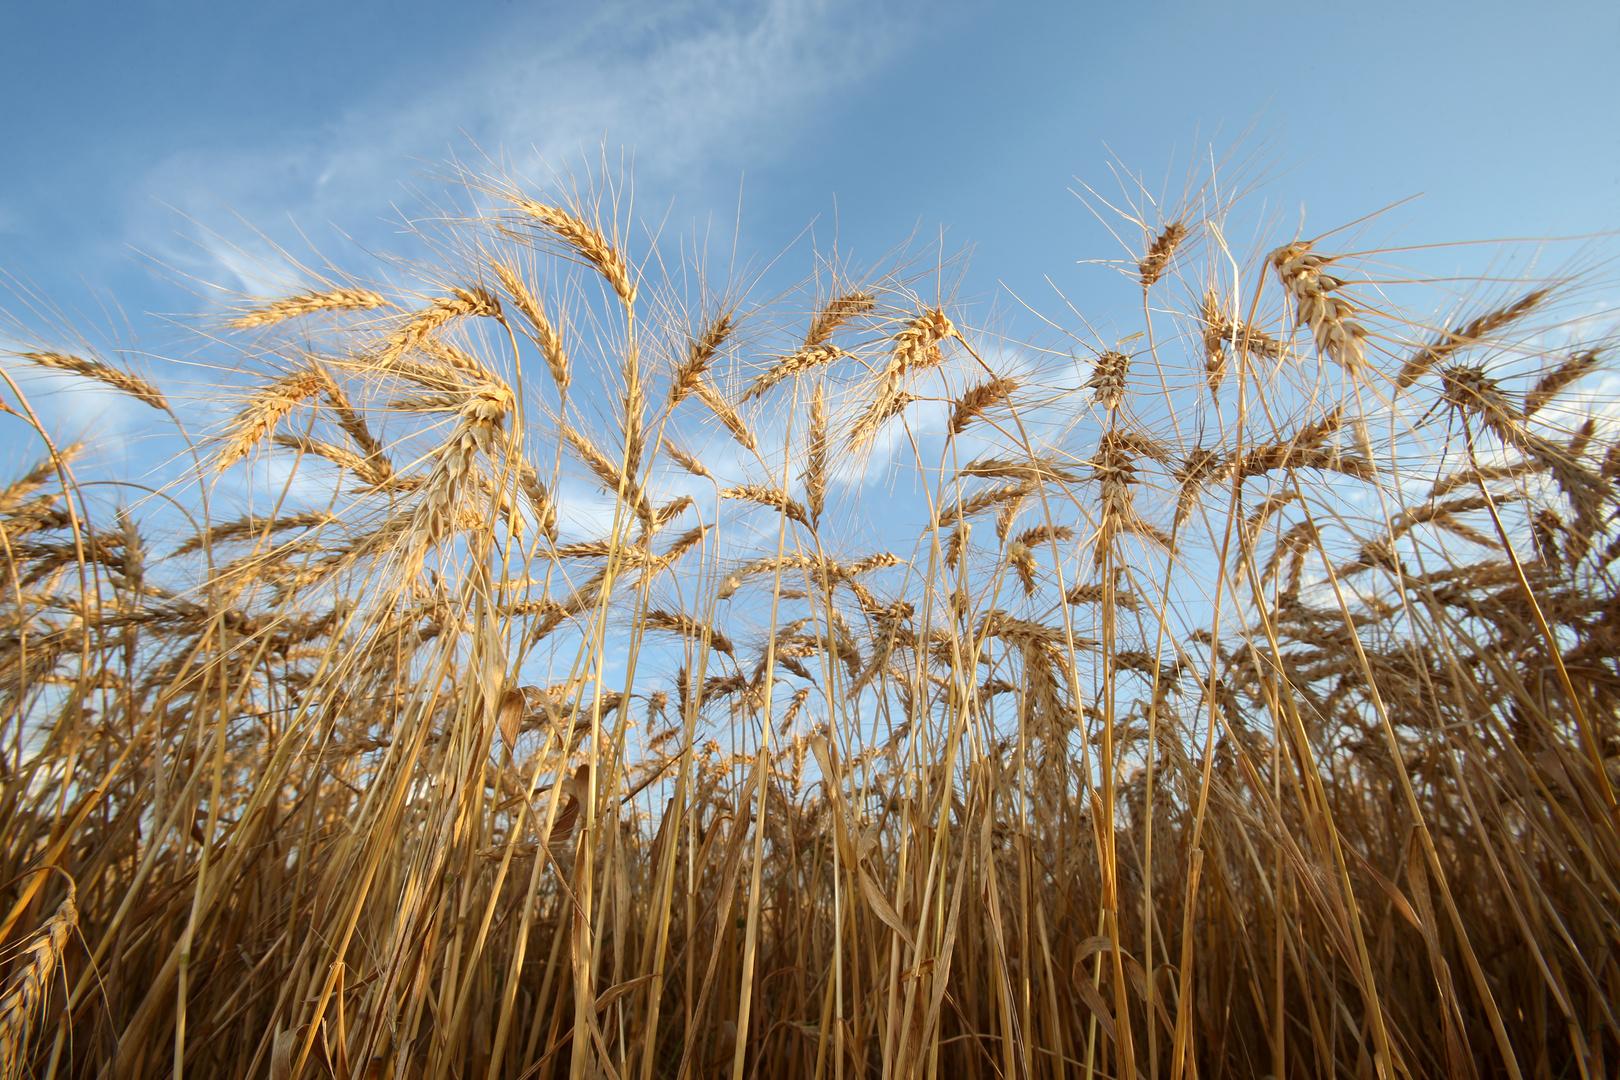 لأول مرة في 12 عاما.. أوكرانيا تورد القمح إلى السعودية